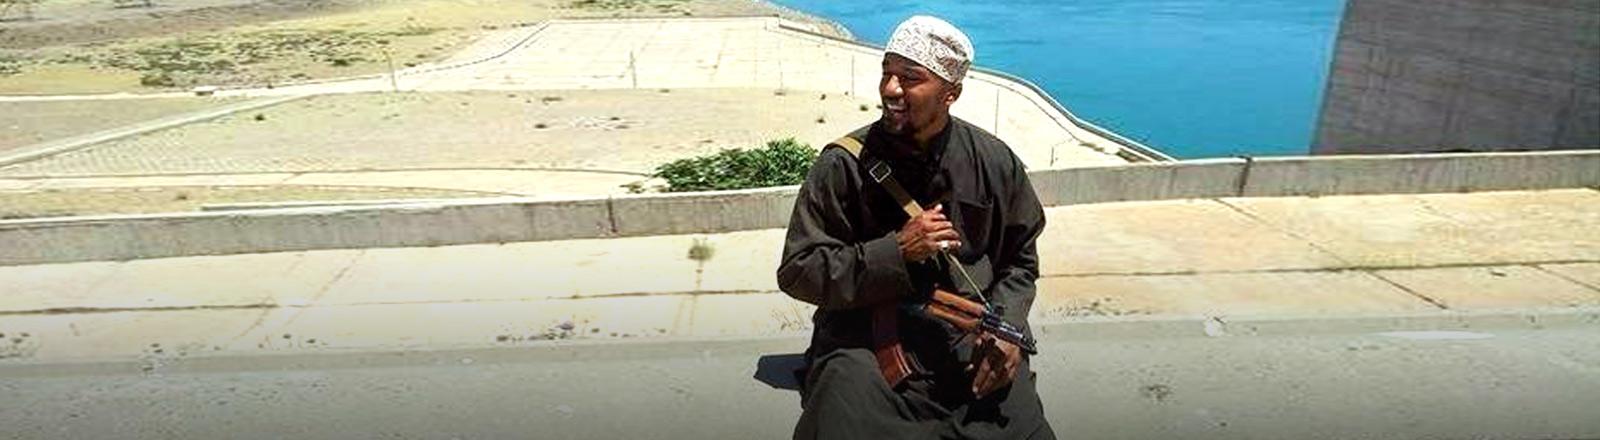 Denis Cuspert, ehemaliger deutscher Rapper, heute Mitglied des Islamischen Staates.